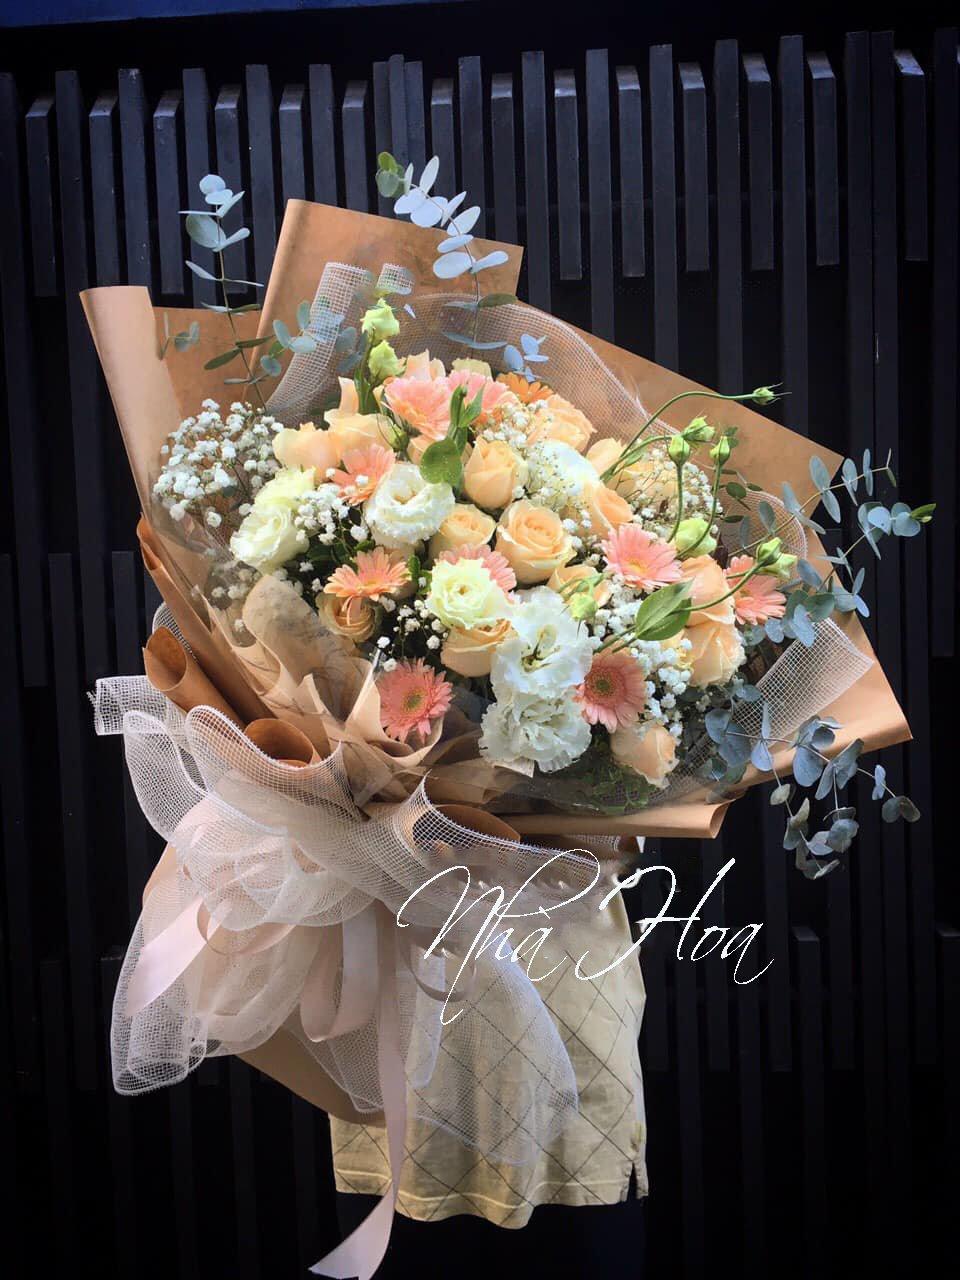 Shop hoa tươi quận 10 giá rẻ đẹp và chất lượng tại Hồ Chí Minh